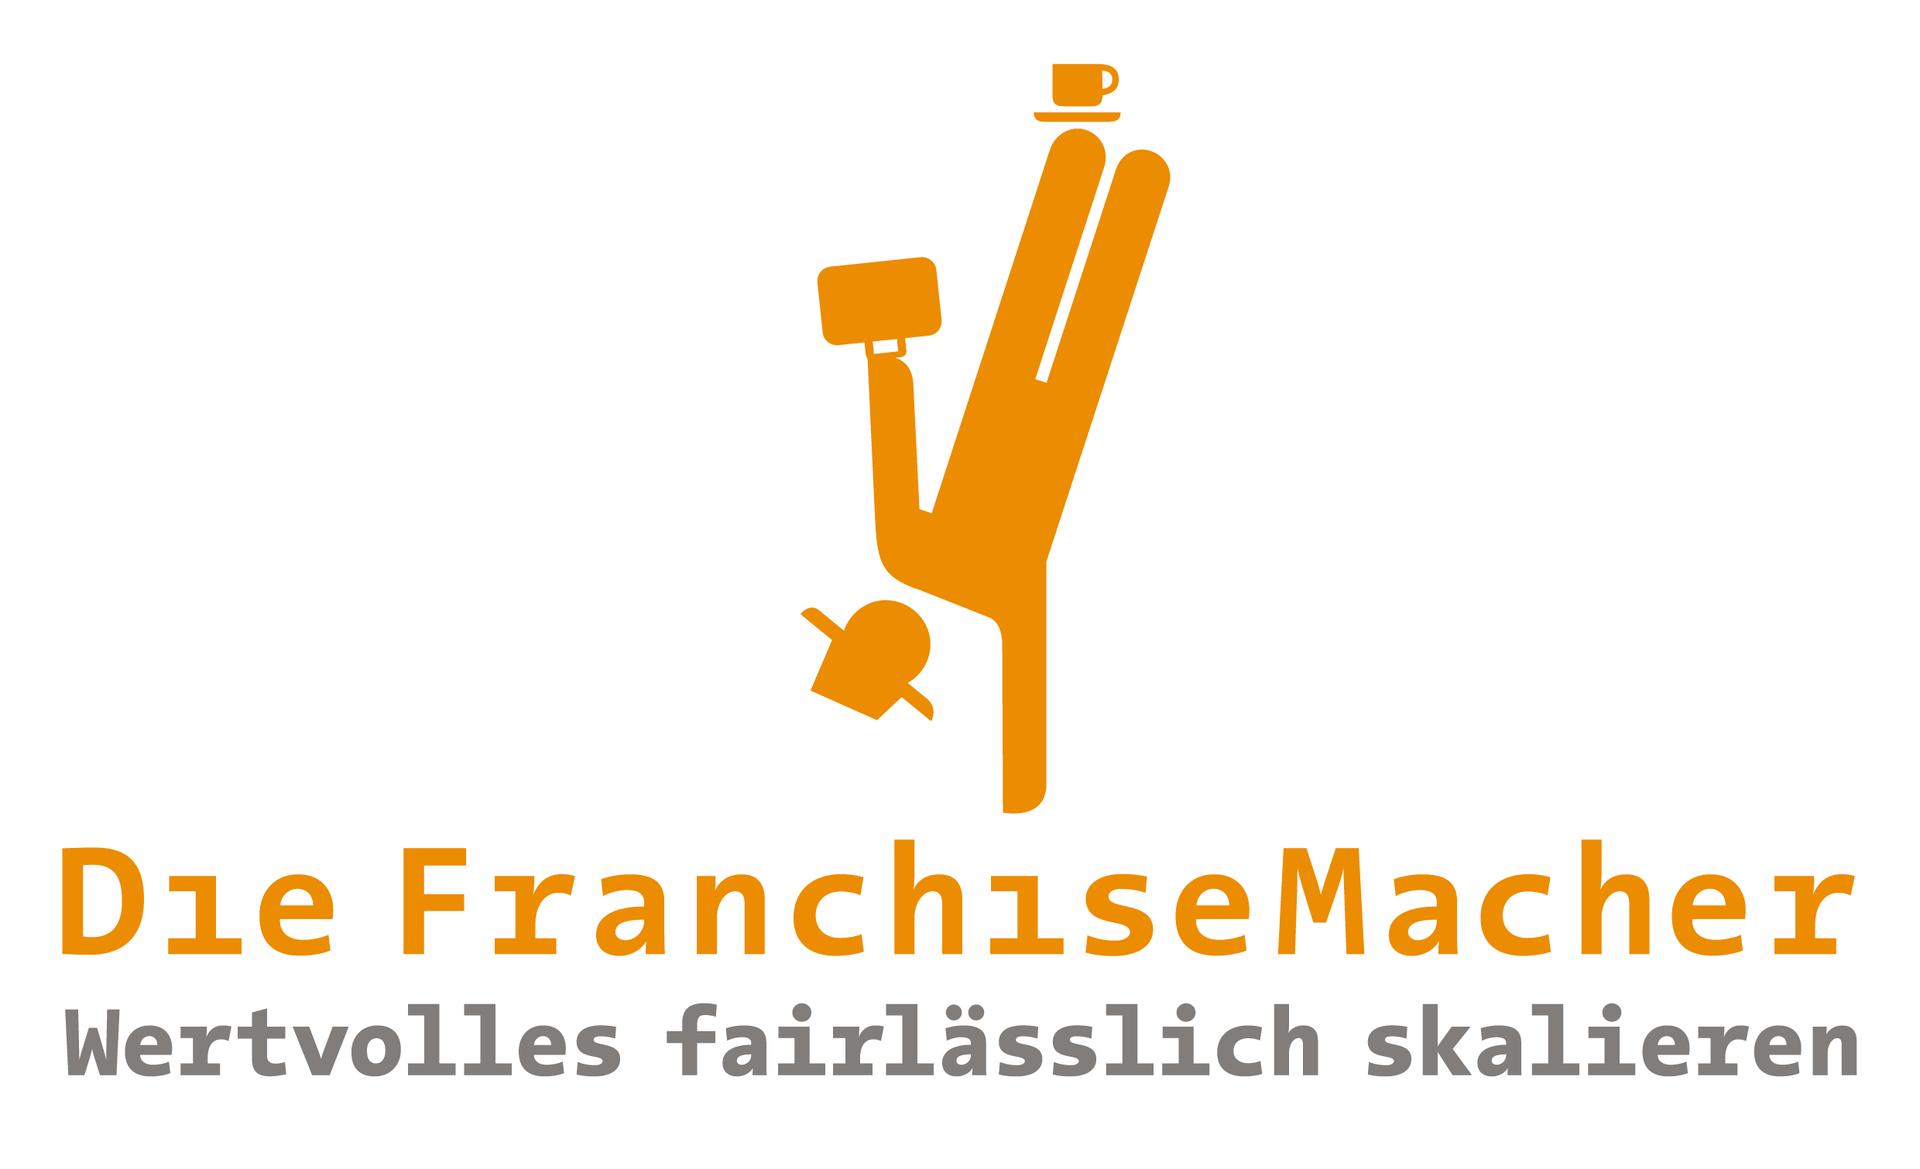 Die FranchiseMacher